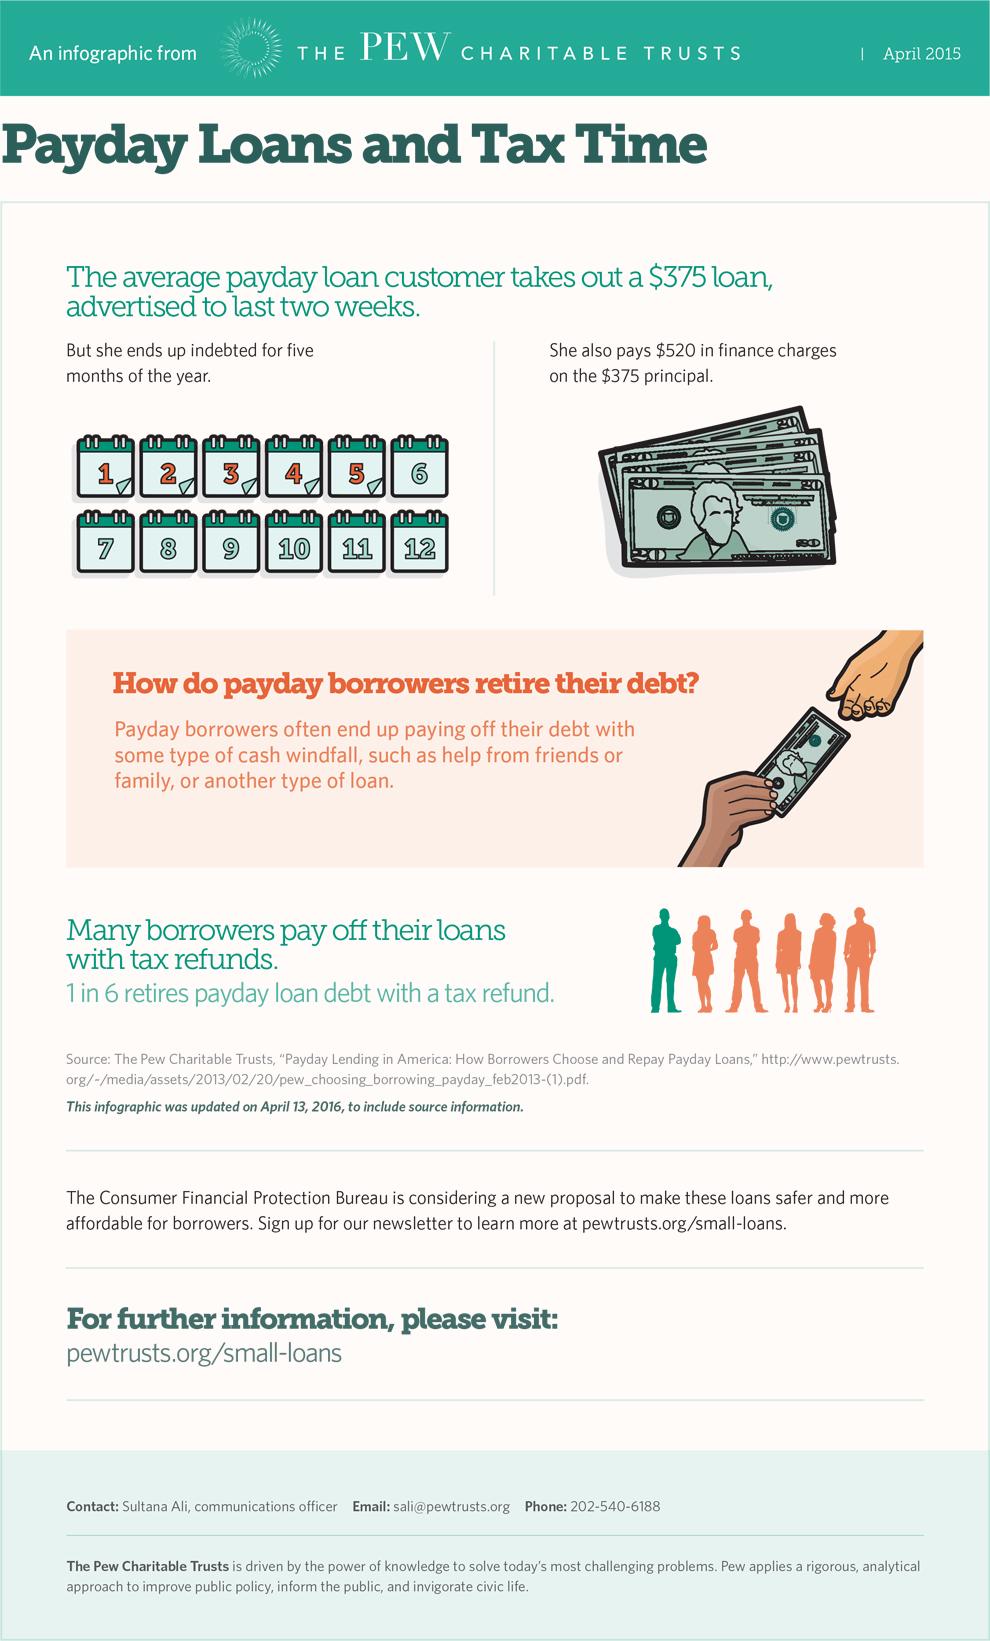 Ez money loan services hours image 9